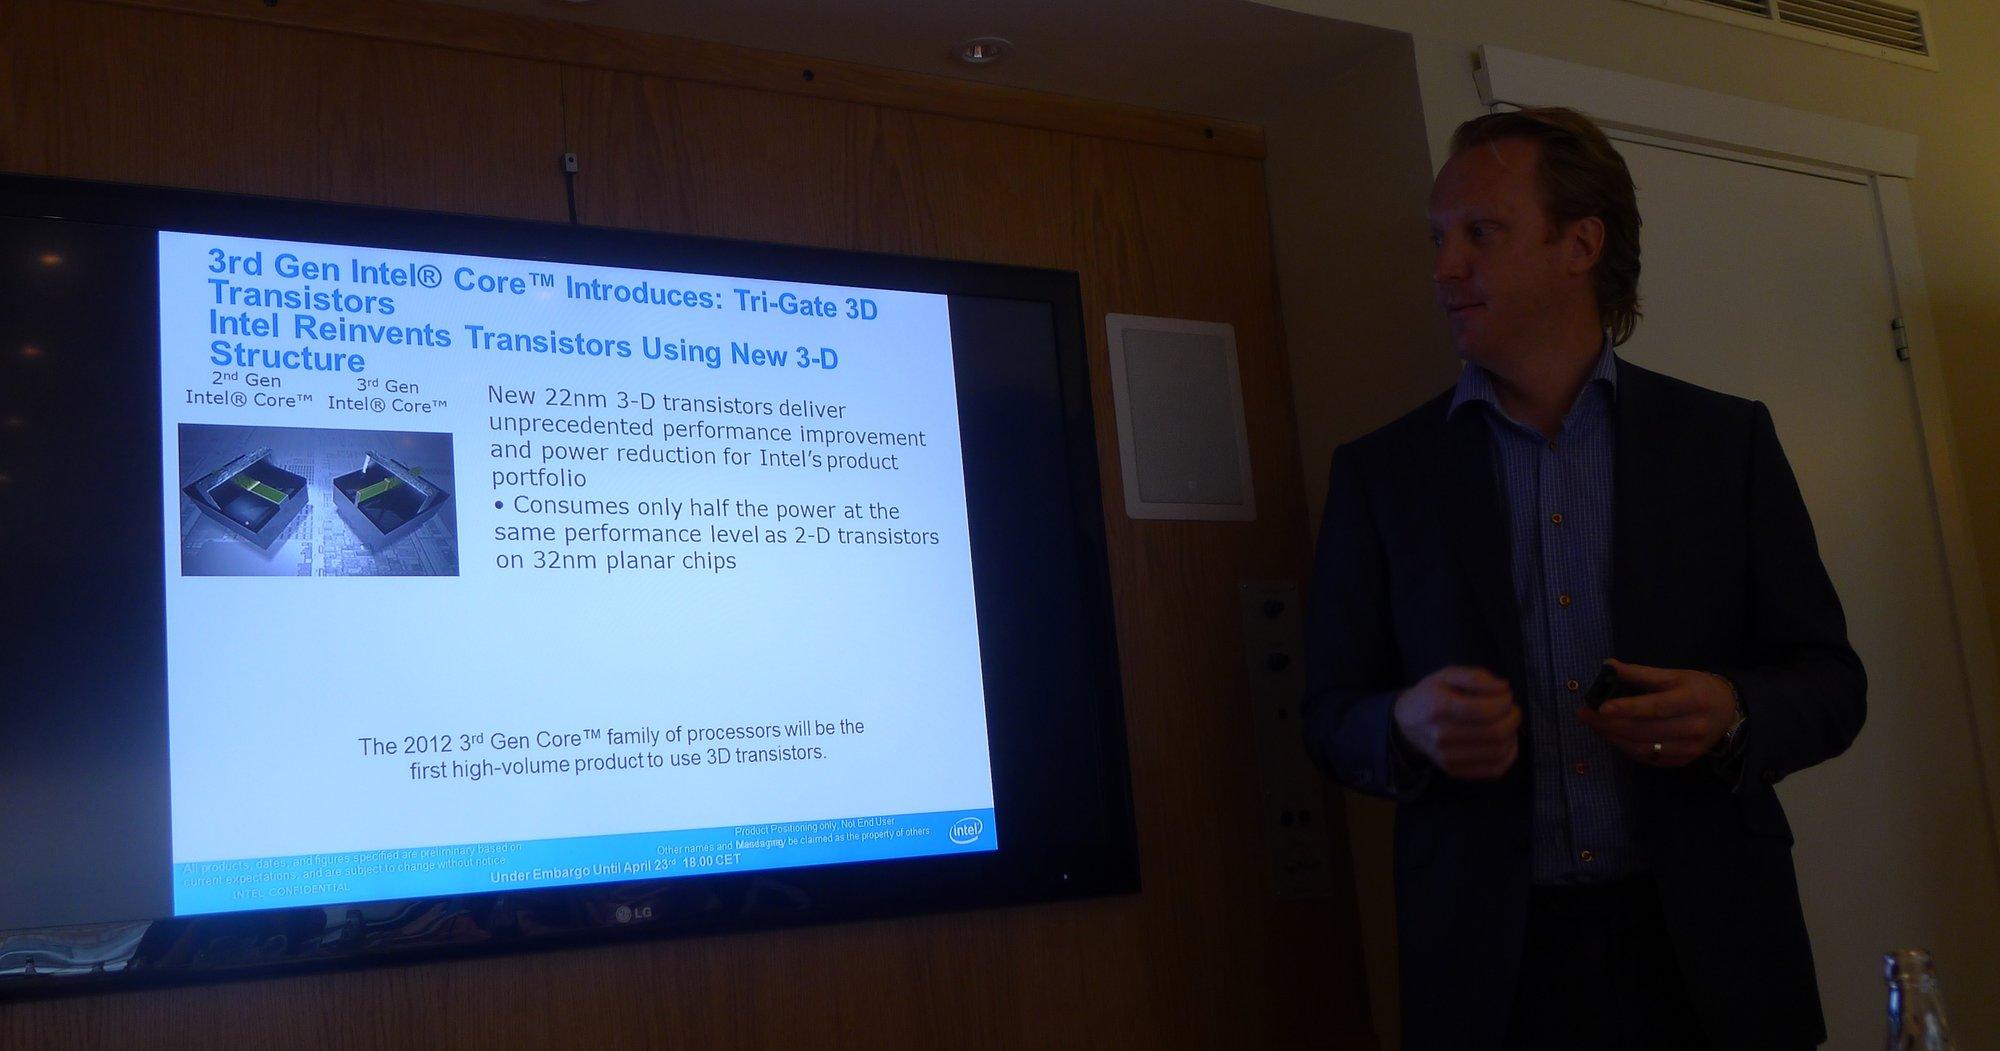 Intel viste onsdag forrige uke frem sin tredje generasjons CPUer. Det handler om ytelse, strømforbruke, sikkerhet og tilkoblingsmuligheter. Selskapet ønsker også å satse enda mer på Ultrabooks og har avtaler med de aller fleste PC-produsentene.